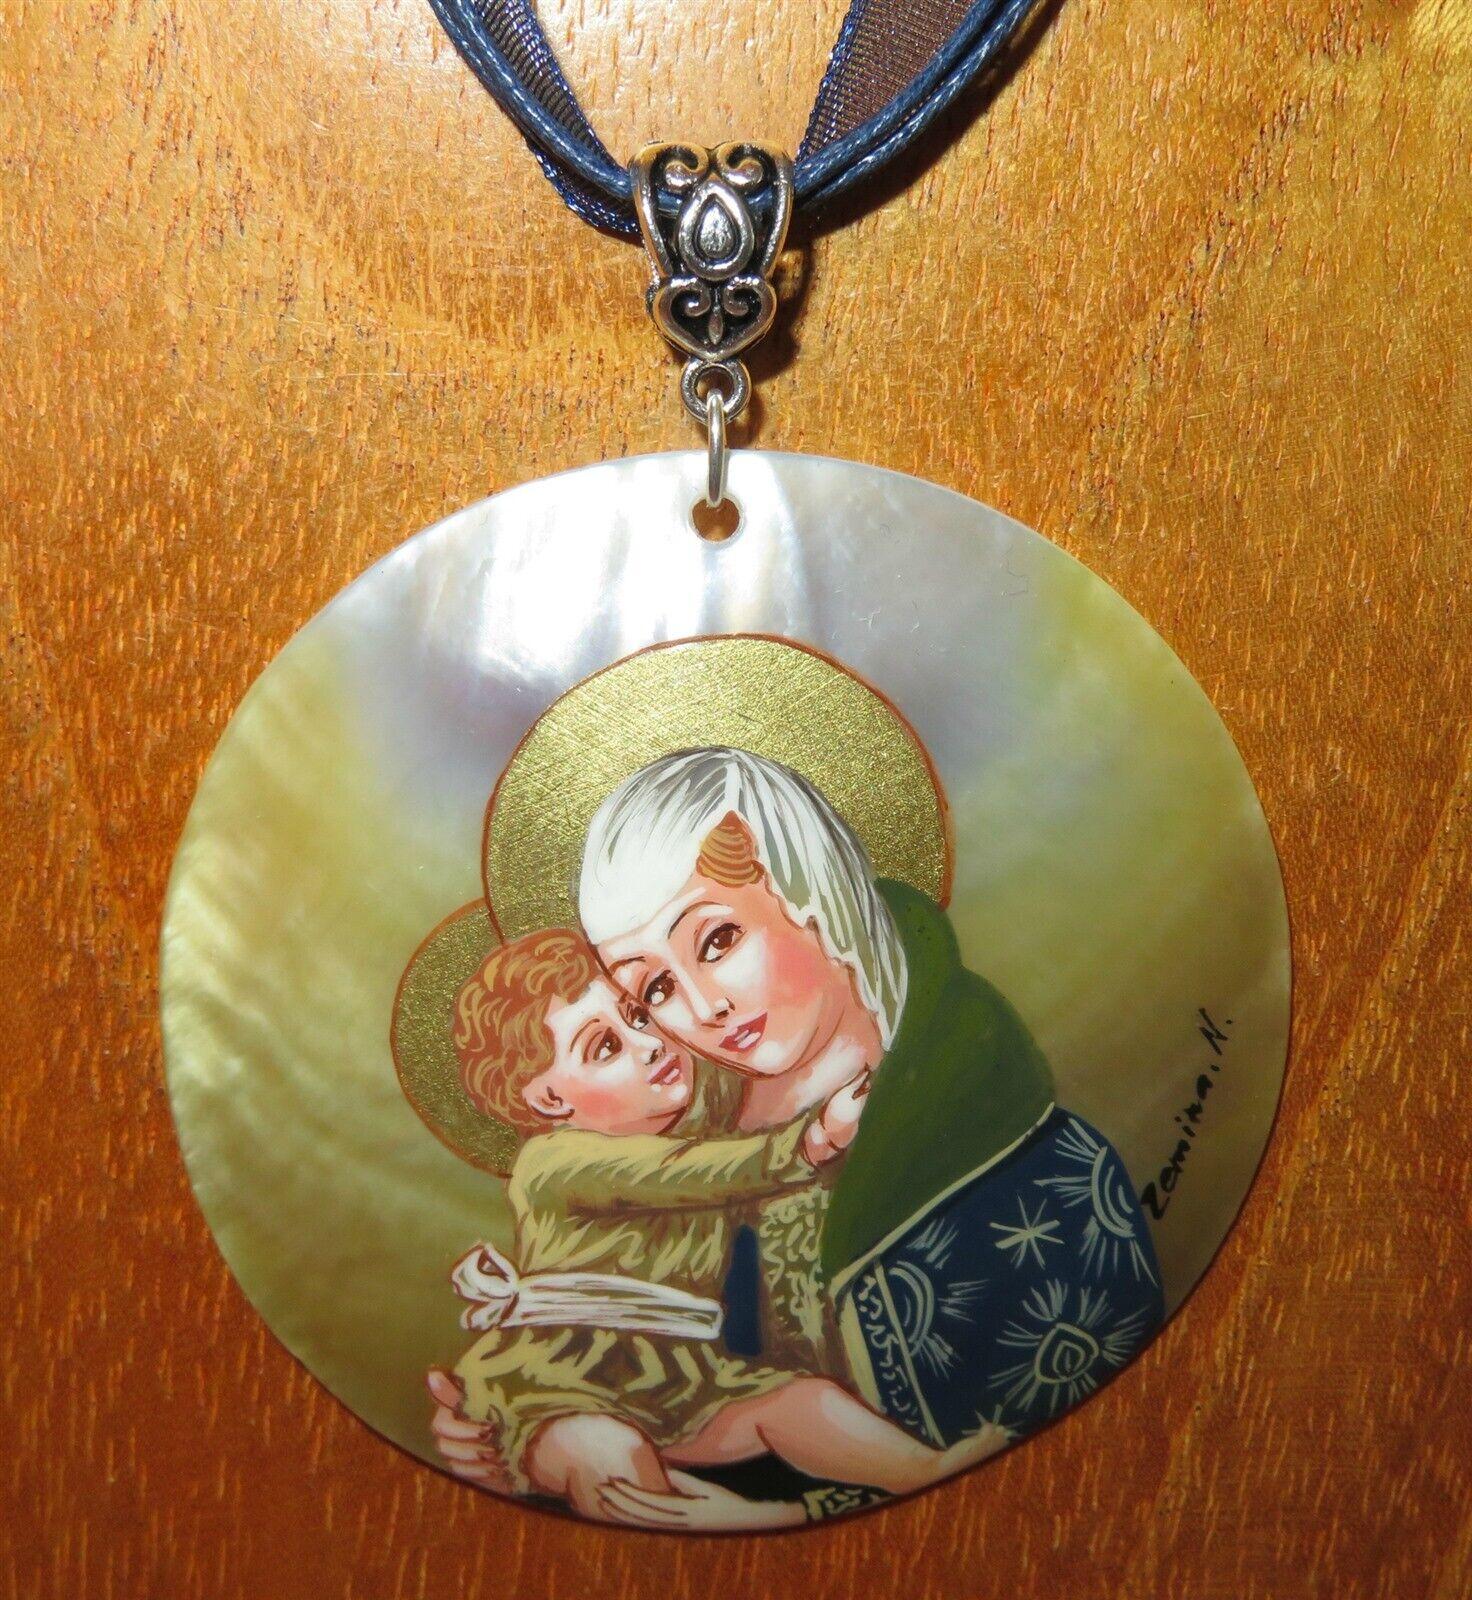 Carlo Tapiz Crivelli Colgante Virgen y Niño Original Pintado a Mano Carcasa